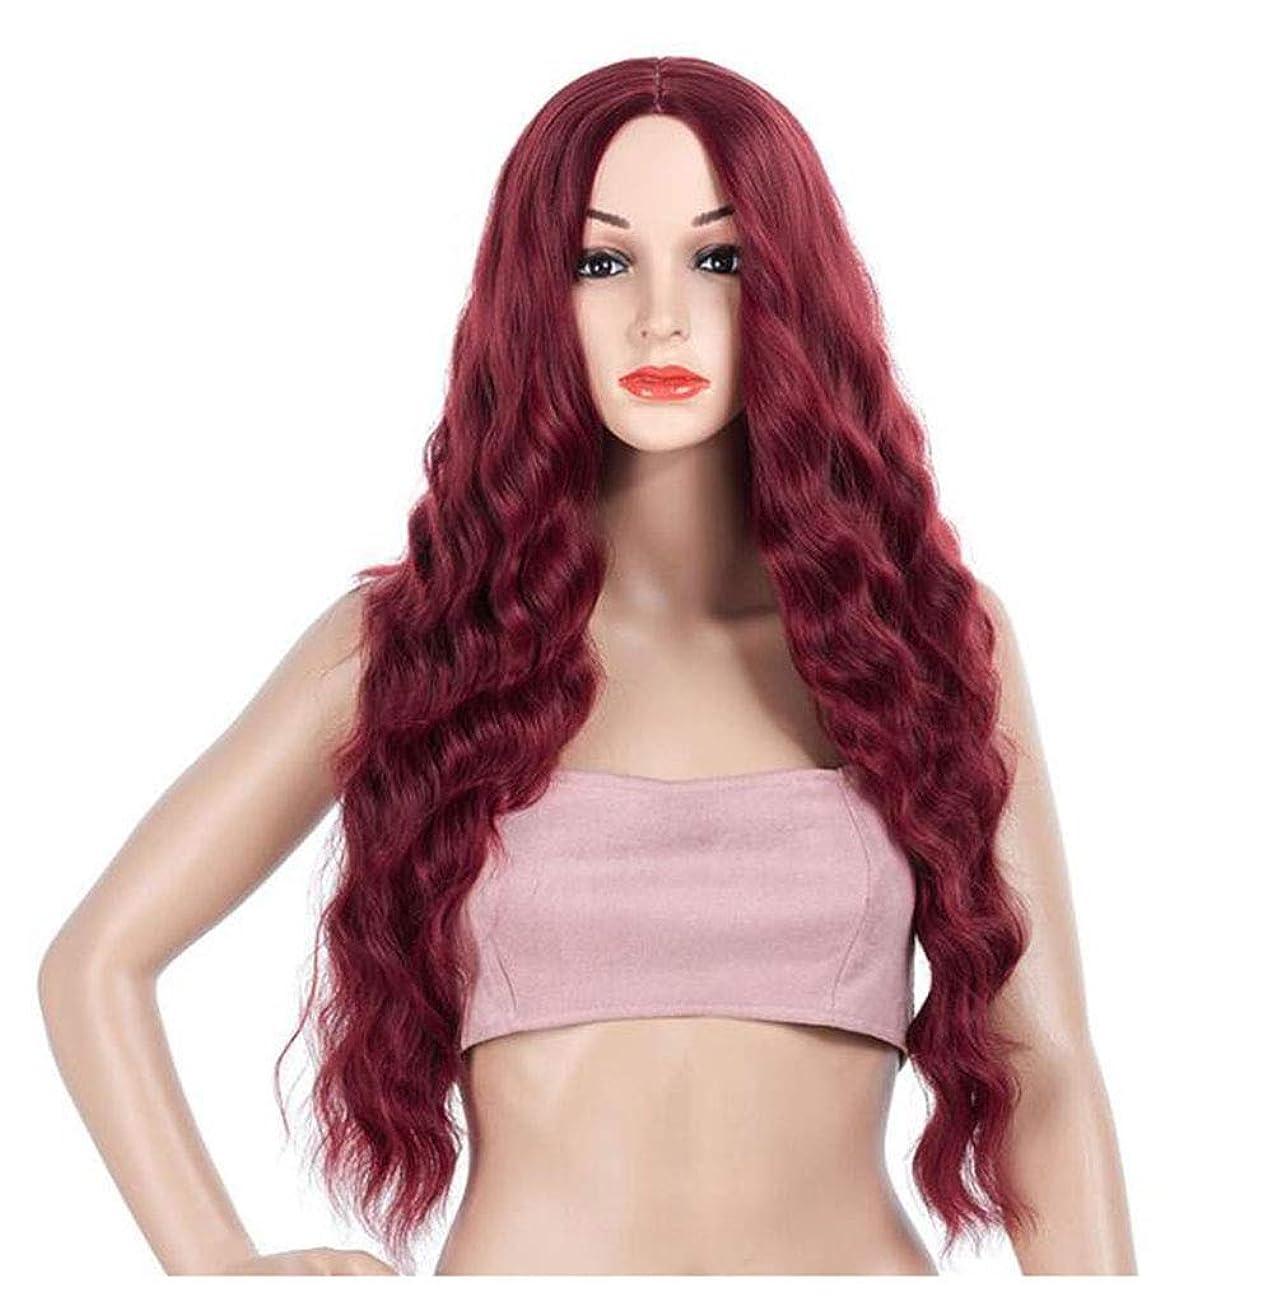 慈善試すマイナス女性の女性ダークワインレッドかつら長い波状カーリープレミアム熱に優しいファッション自然合成フルコスプレかつら耐熱ヘア,Red